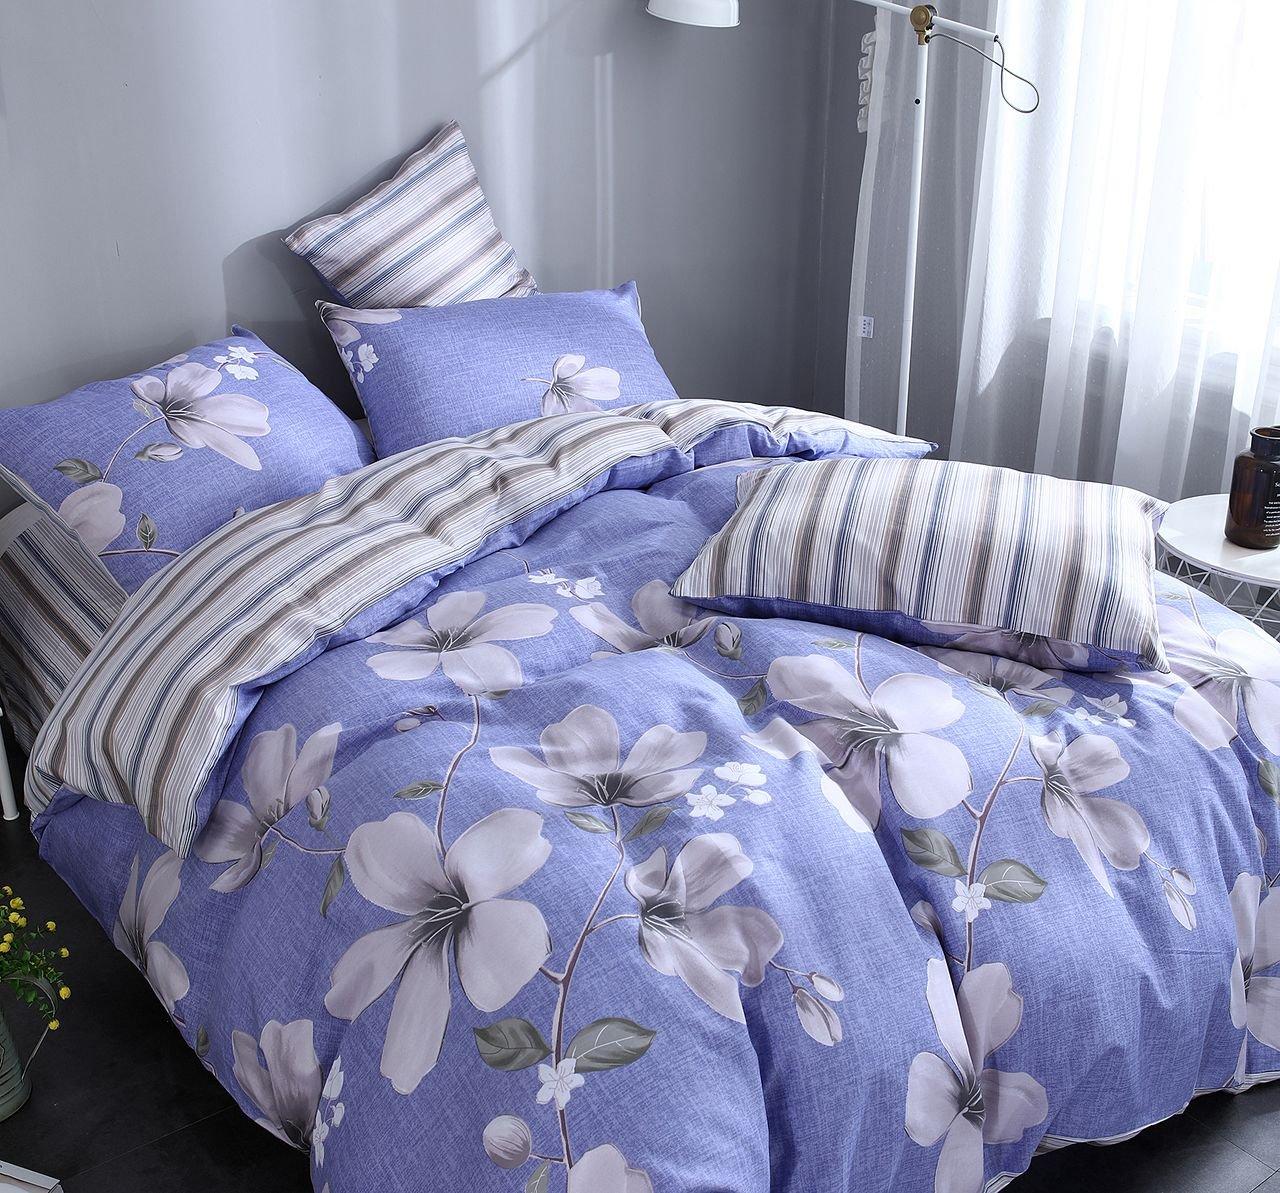 d38de867f416 Евро комплект синего постельного белья из сатина с цветами C265 (70*70) в